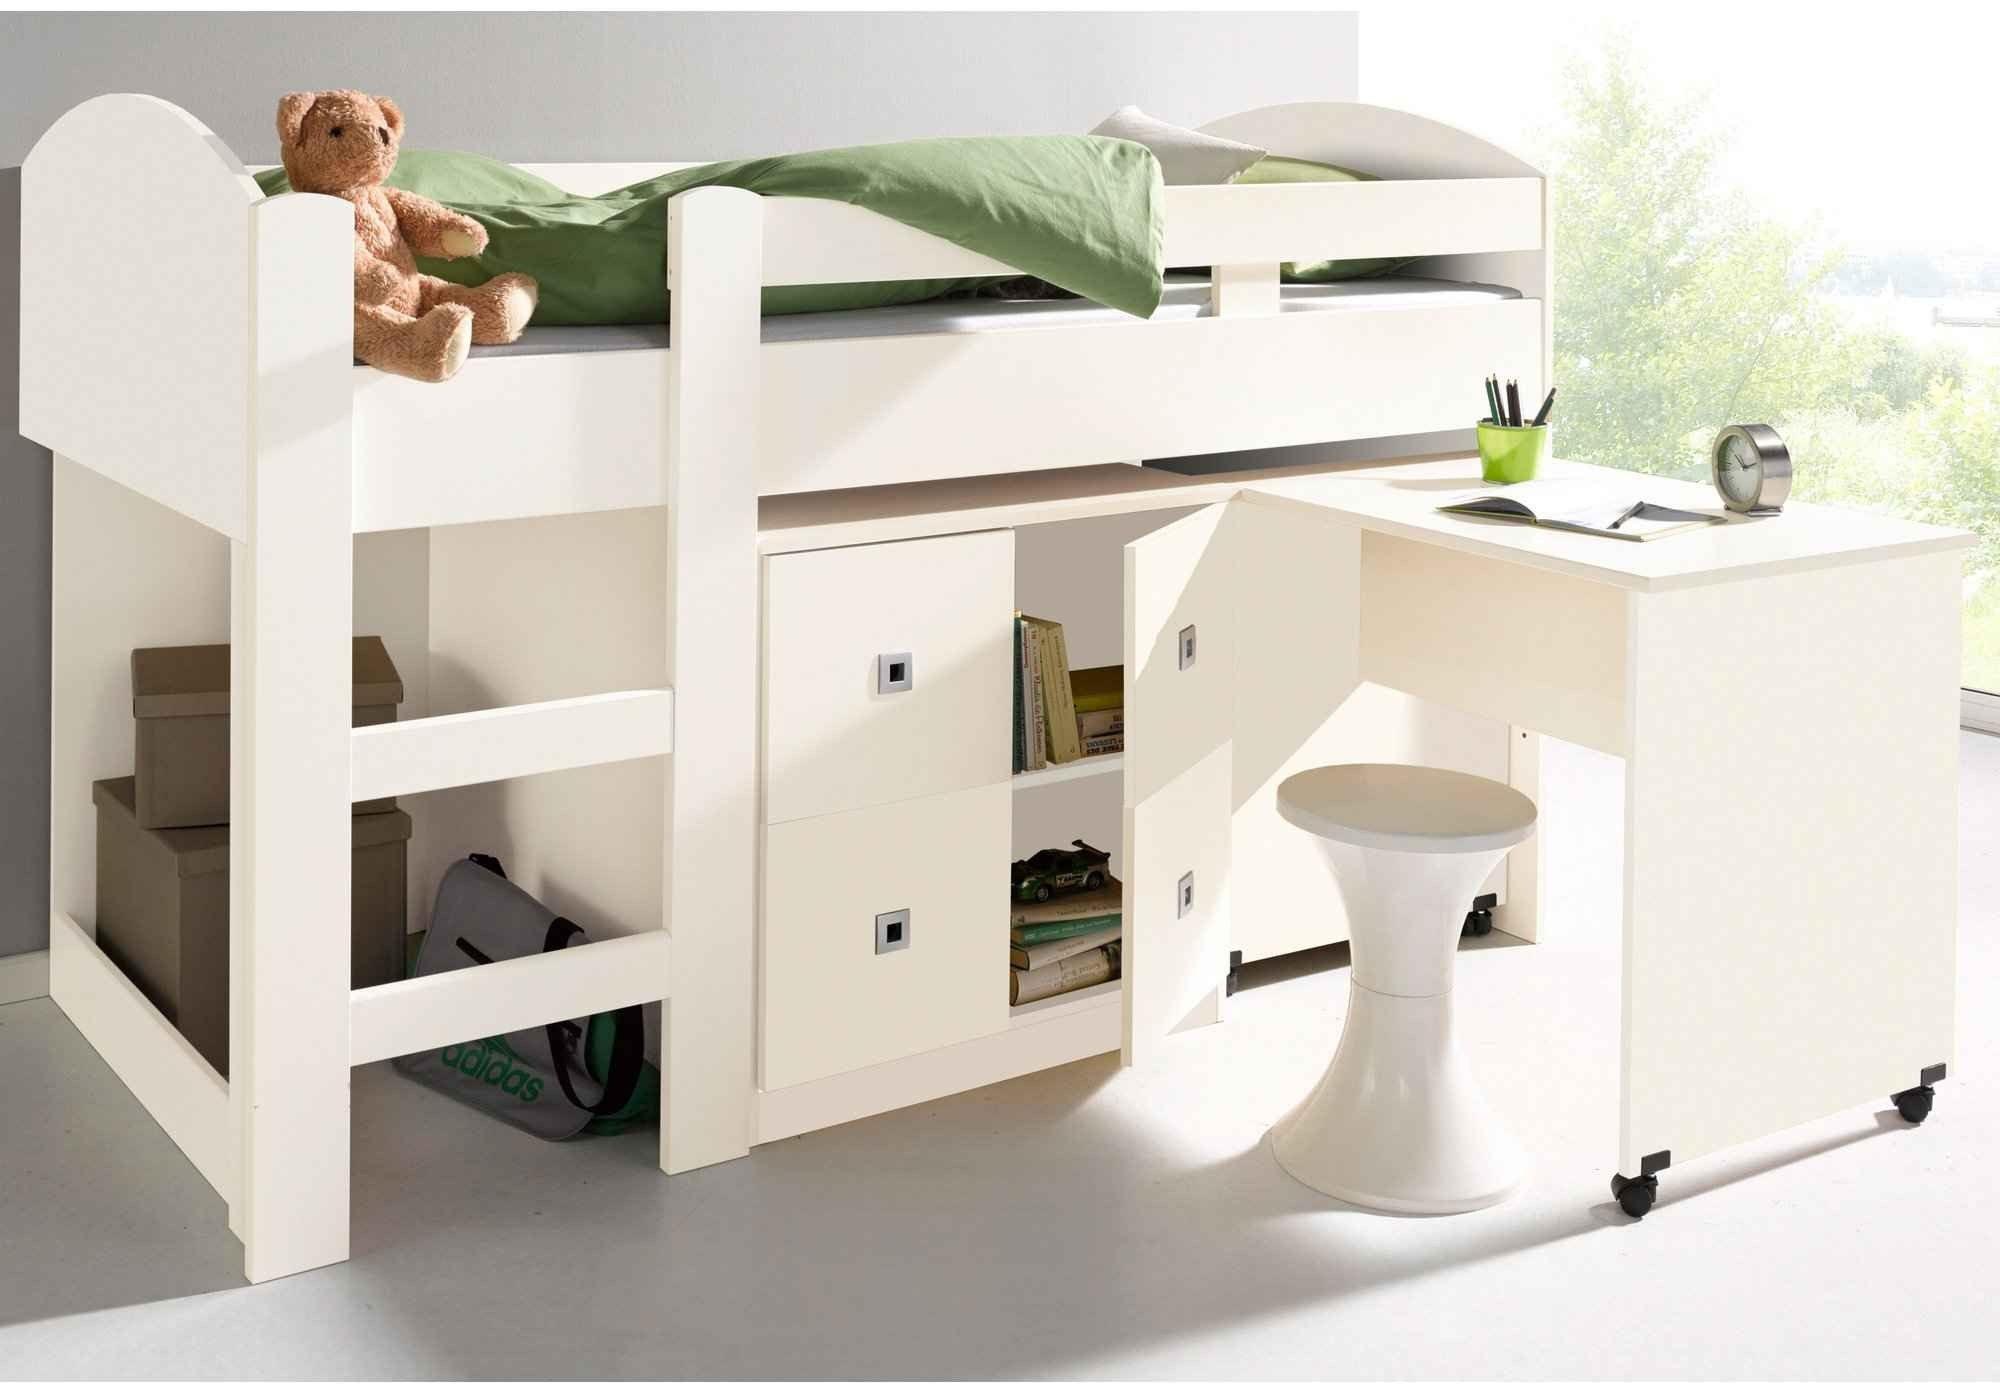 Lit Superposé 3 Places Impressionnant Séduisant Chambre Enfant Lit Superposé Ou Lit Biné Armoire Fresh Lit